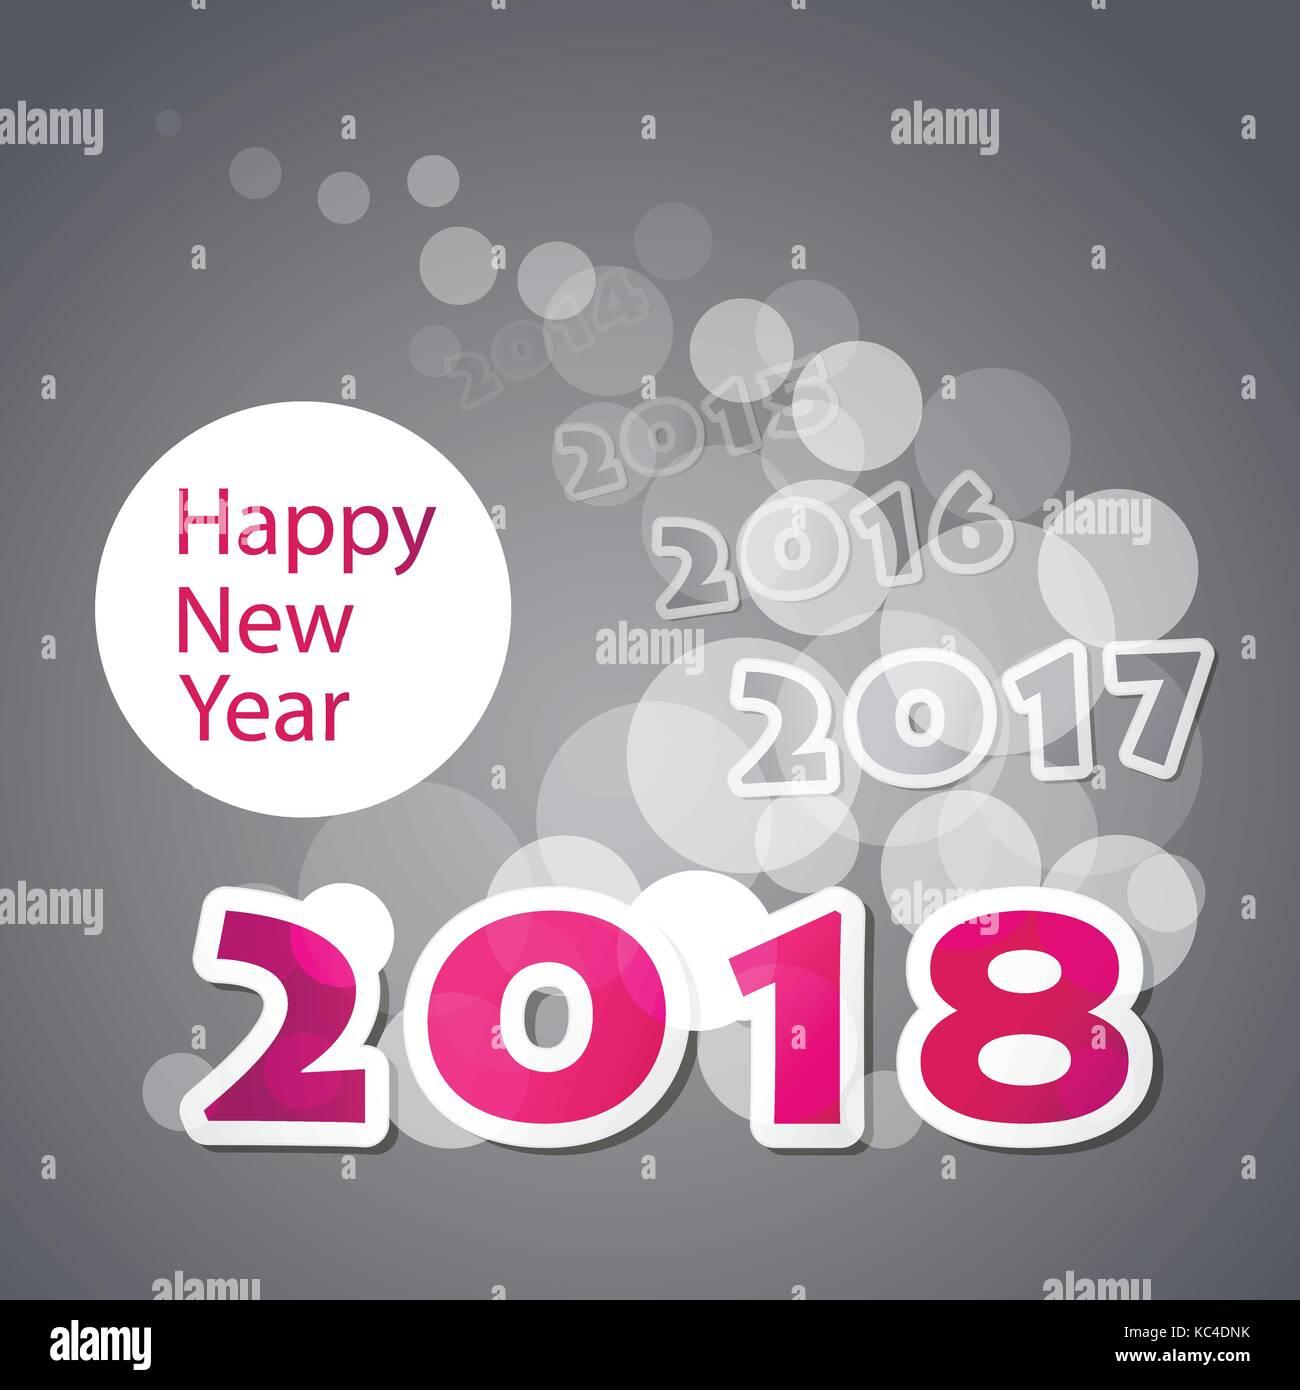 Die besten Wünsche - Neues Jahr Karte, Brief oder Hintergrund Design ...